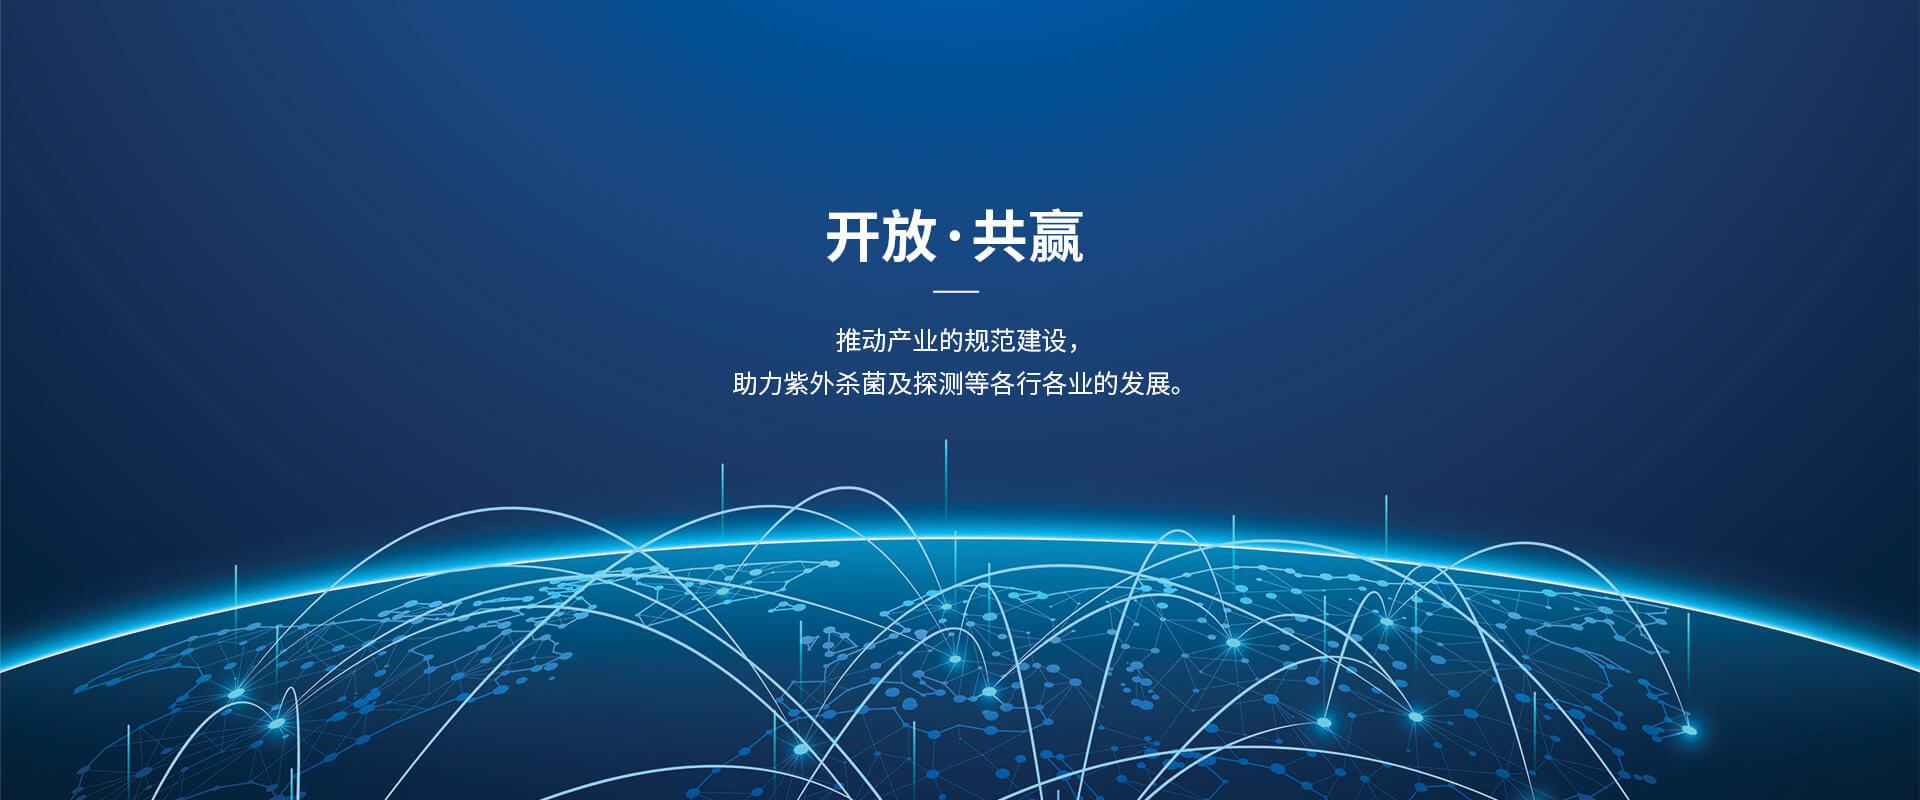 至芯半导体(杭州)有限公司